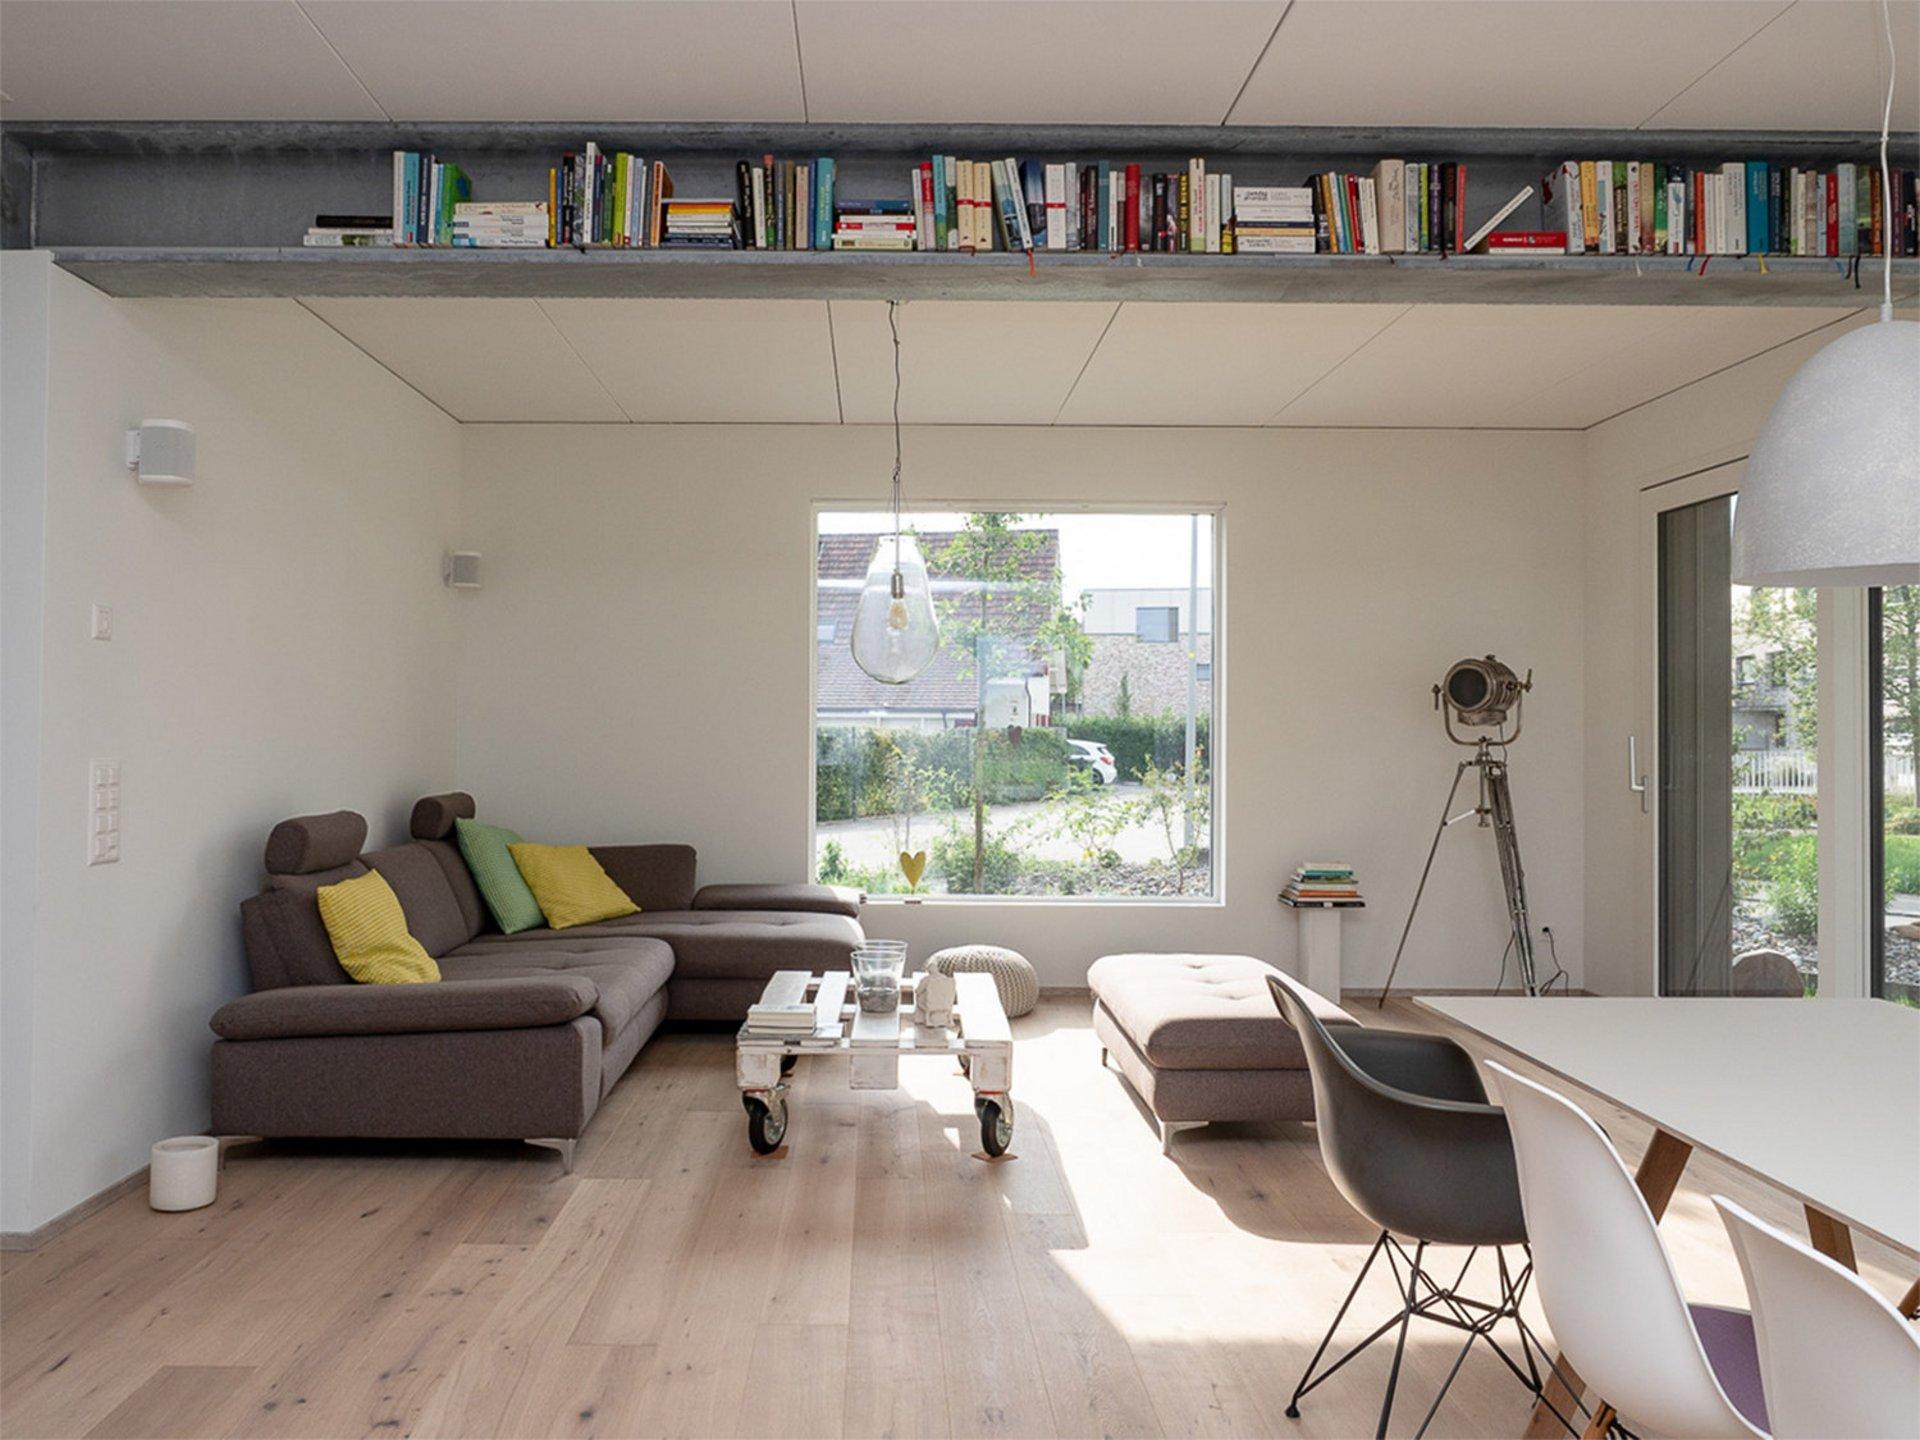 Einfamilienhaus in Elementbauweise mit Parkettboden